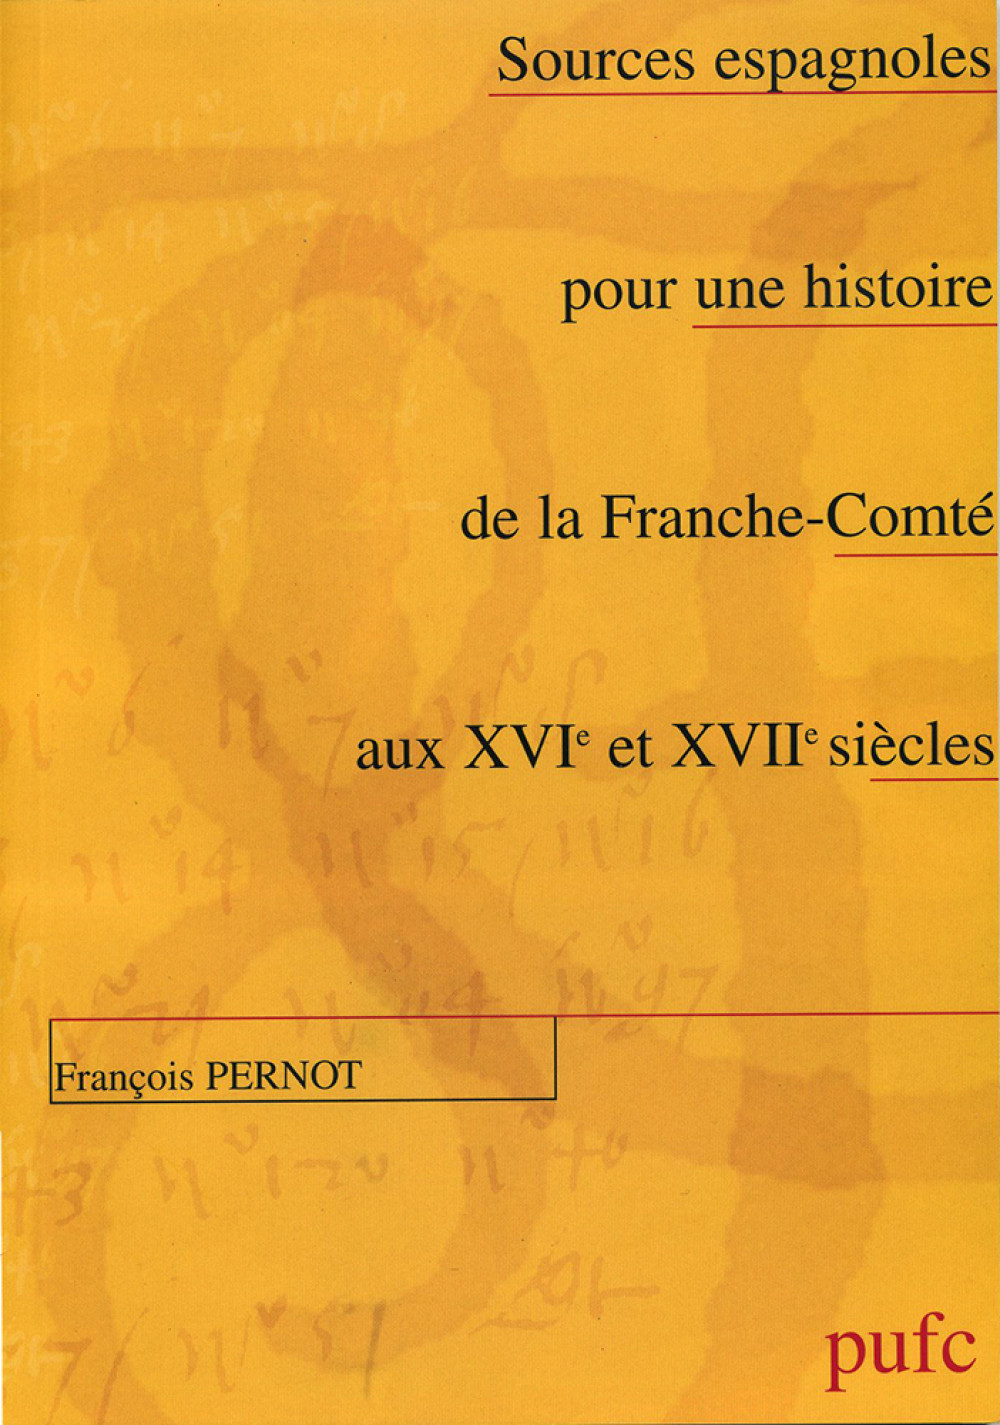 """Sources espagnoles pour une histoire de la Franche-Comté aux <span style=""""font-variant: small-caps"""">XVI</span><sup>e</sup> et <span style=""""font-variant: small-caps"""">XVII</span><sup>e</sup> siècles"""